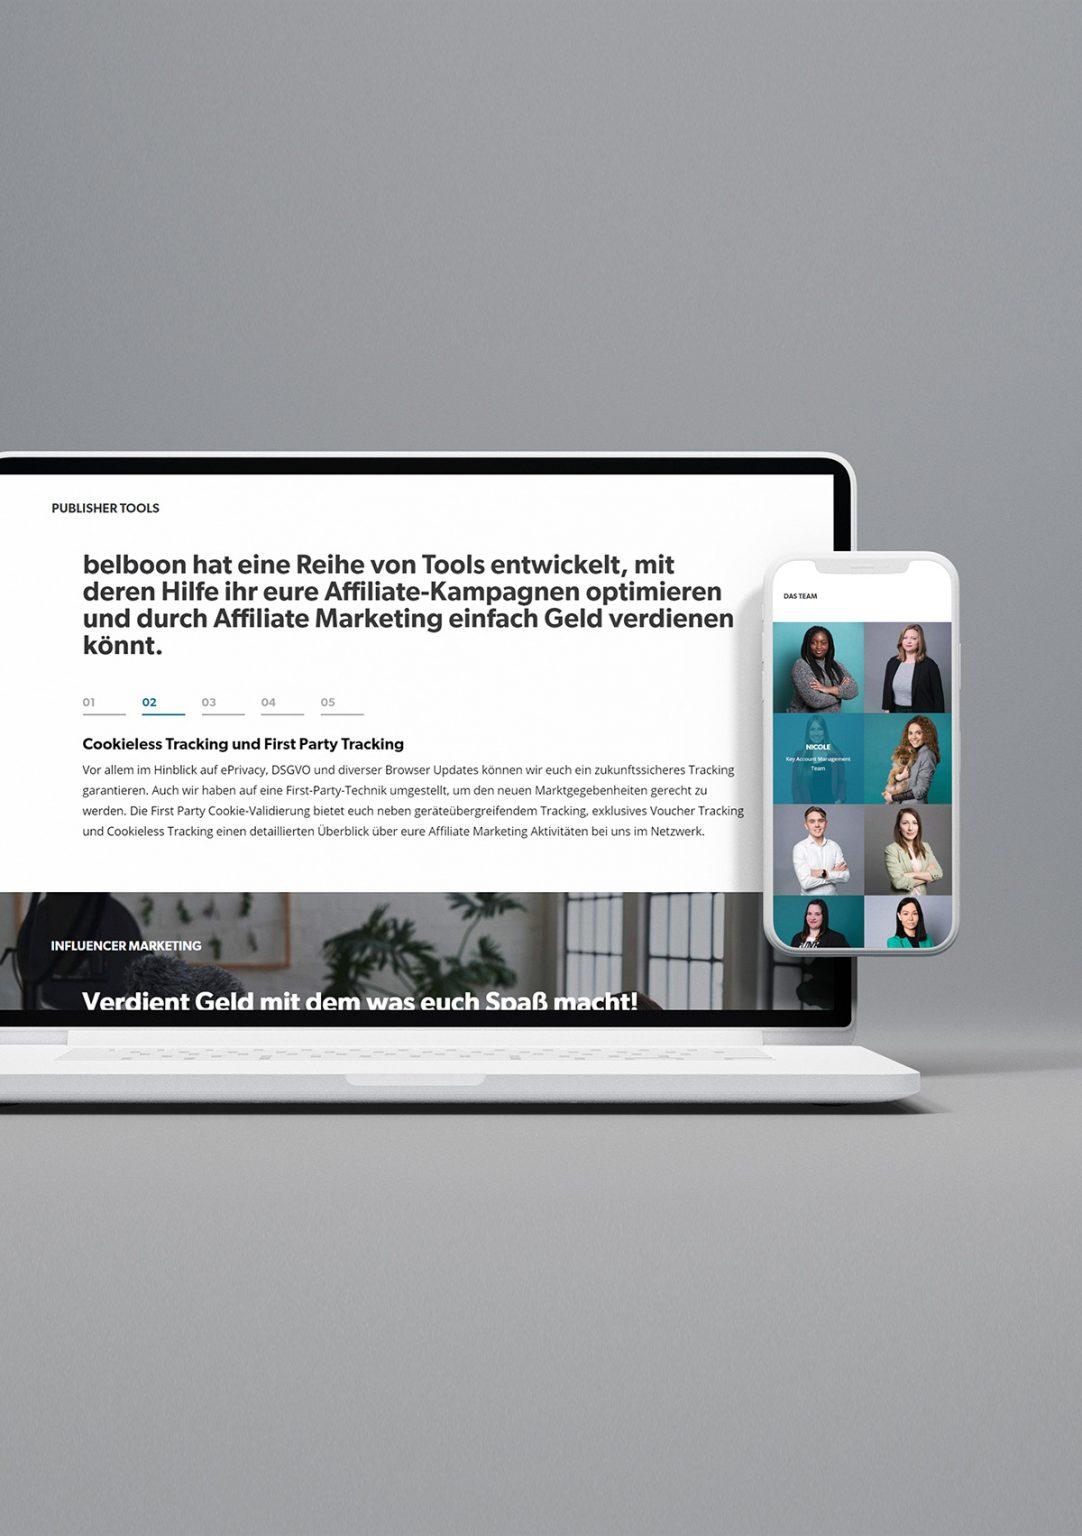 konzeption-und-web-design-fuer-belboon-aus-berlin